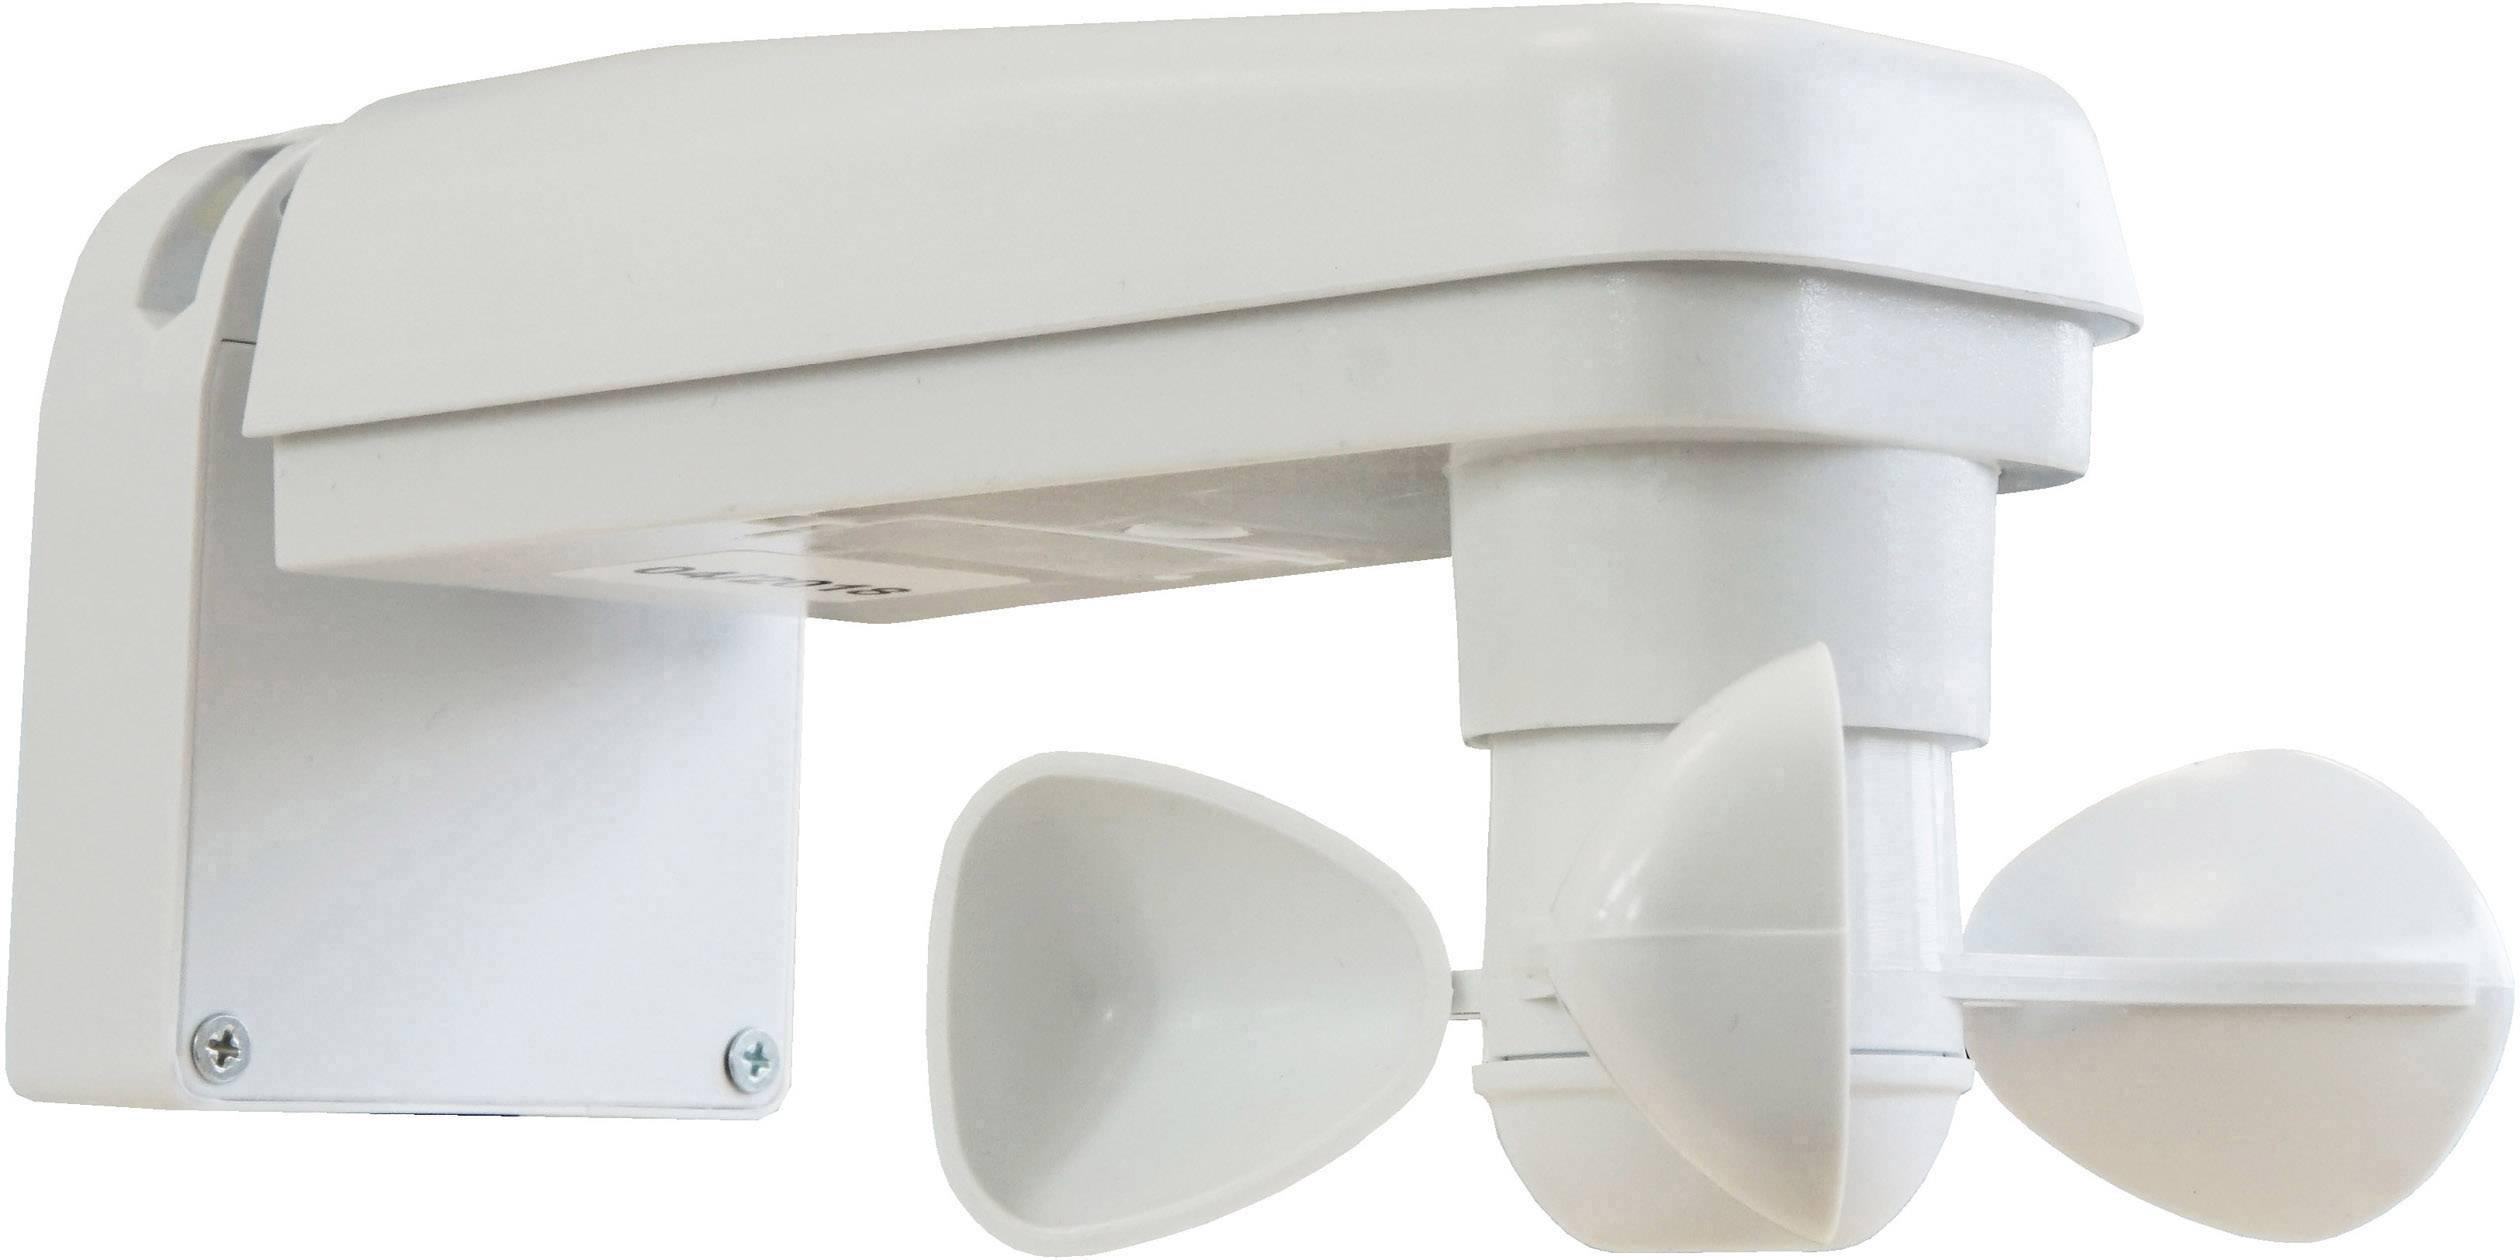 Spínacie relé so senzorom vetra Kaiser Nienhaus Wind 336100 na DIN lištu